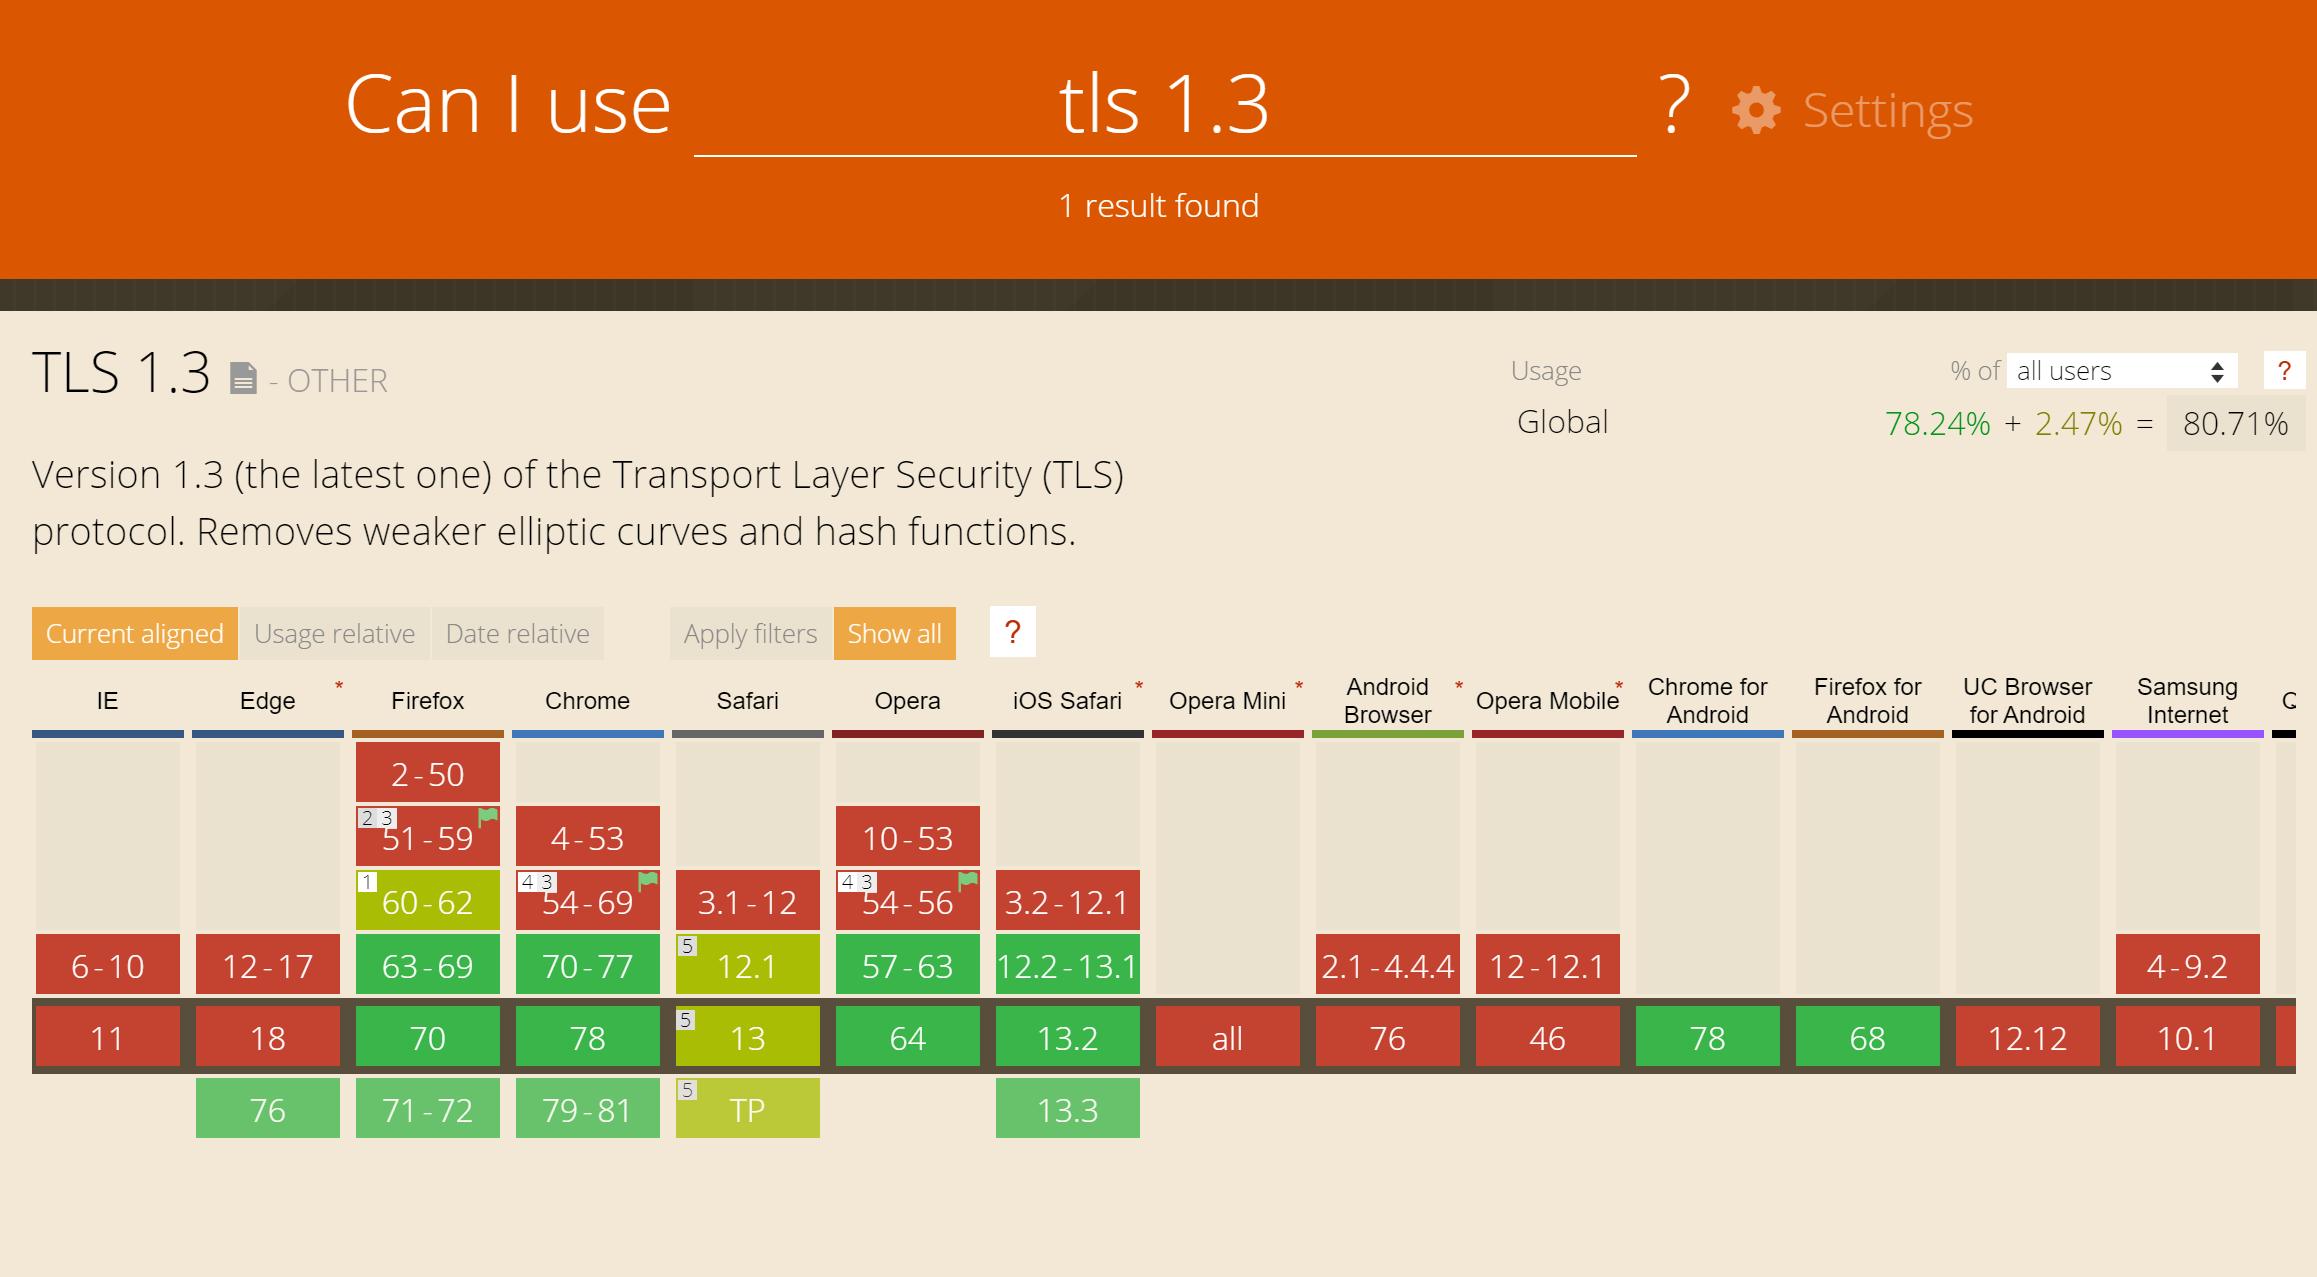 TLS 1.3 Webbrowser-Unterstützung